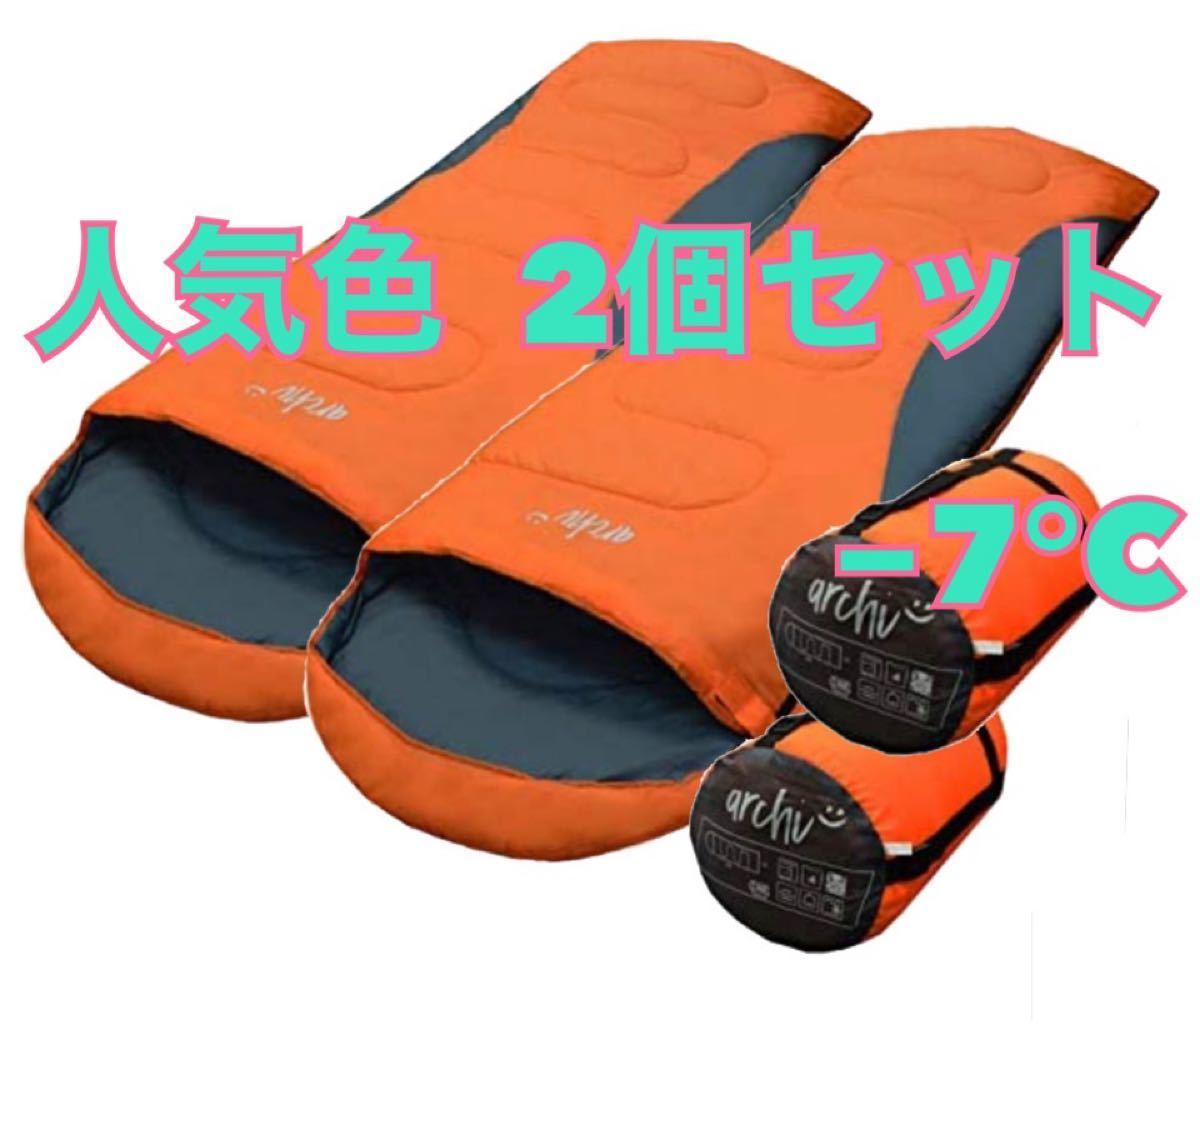 寝袋 シュラフ 車中泊 抗菌使用 丸洗い 封筒型   キャンプ アウトドア 人気